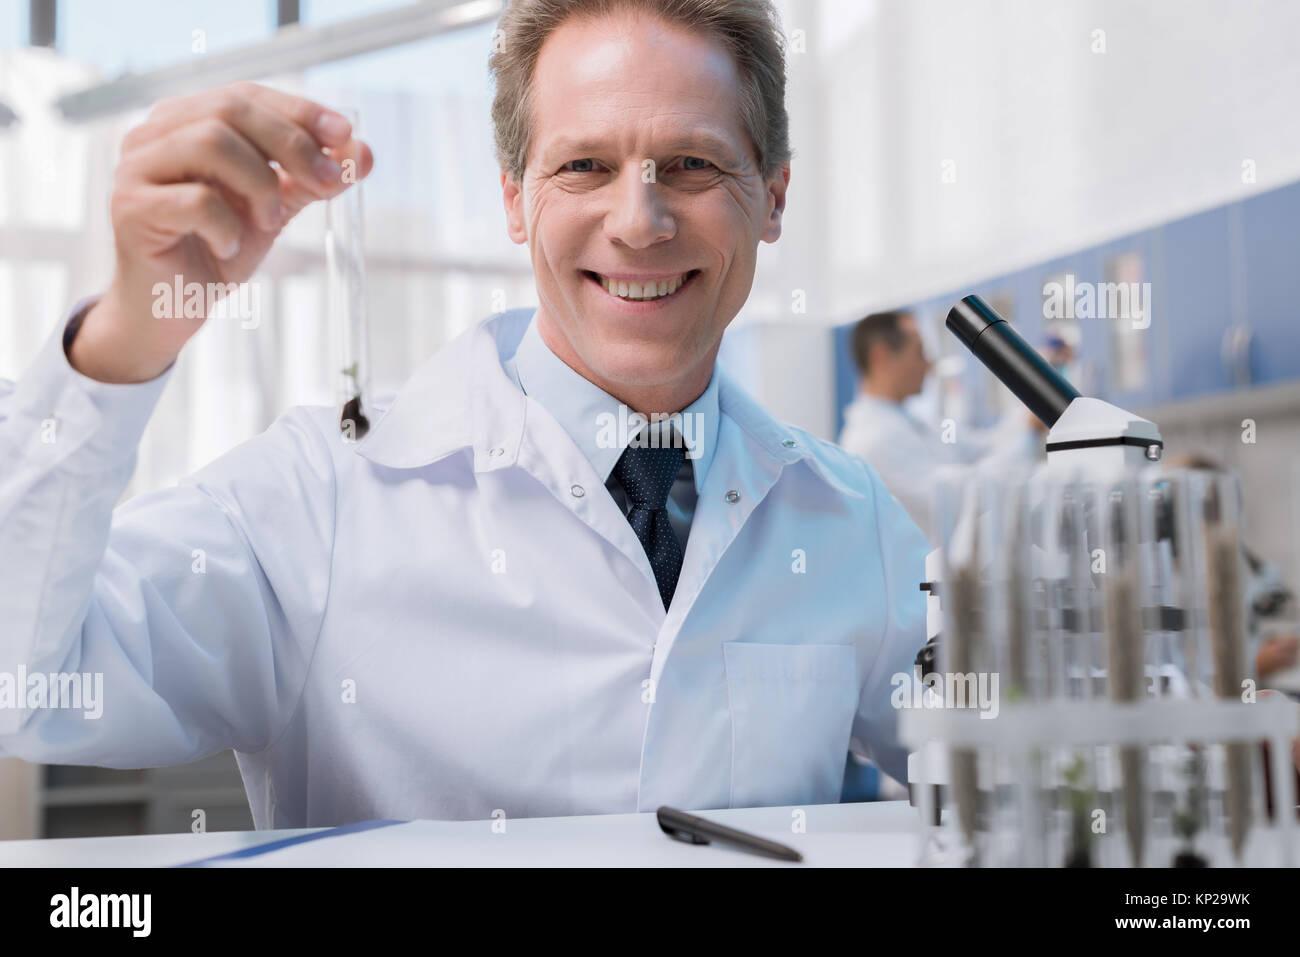 Lächelnd Chemiker holding Reagenzglas Stockbild